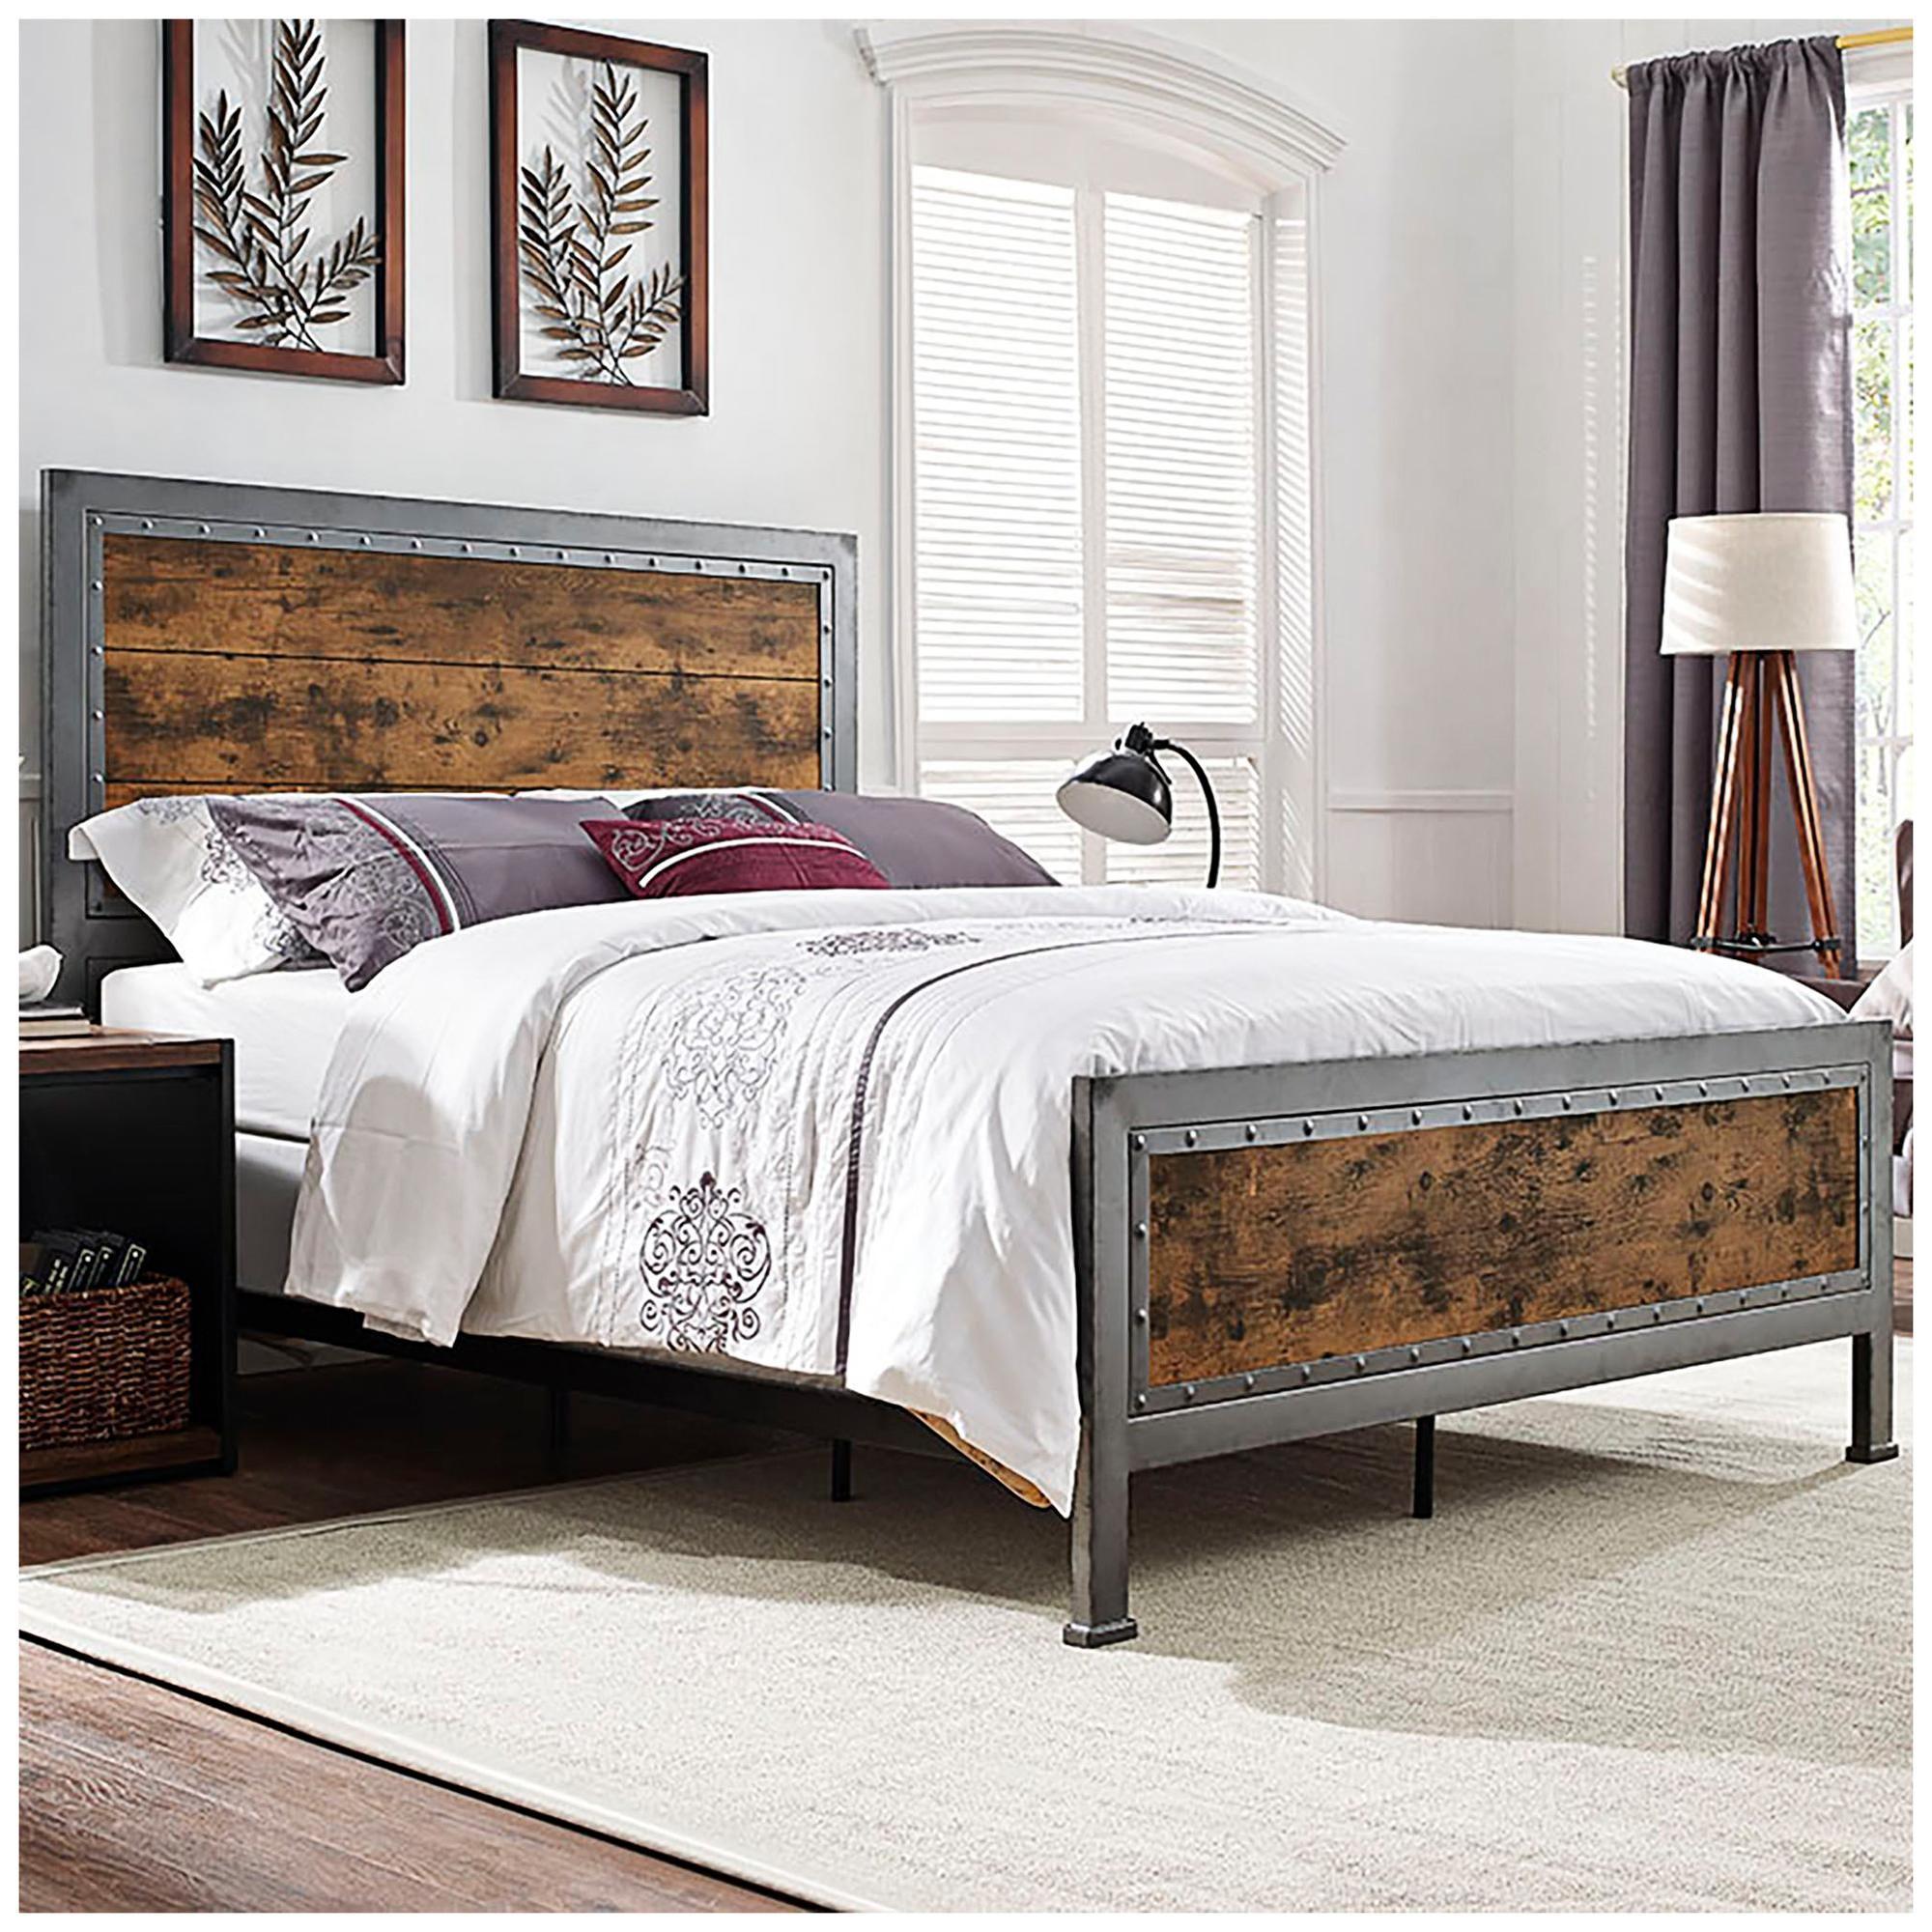 Rustic home brown wood and metal queen bed queen beds queens and